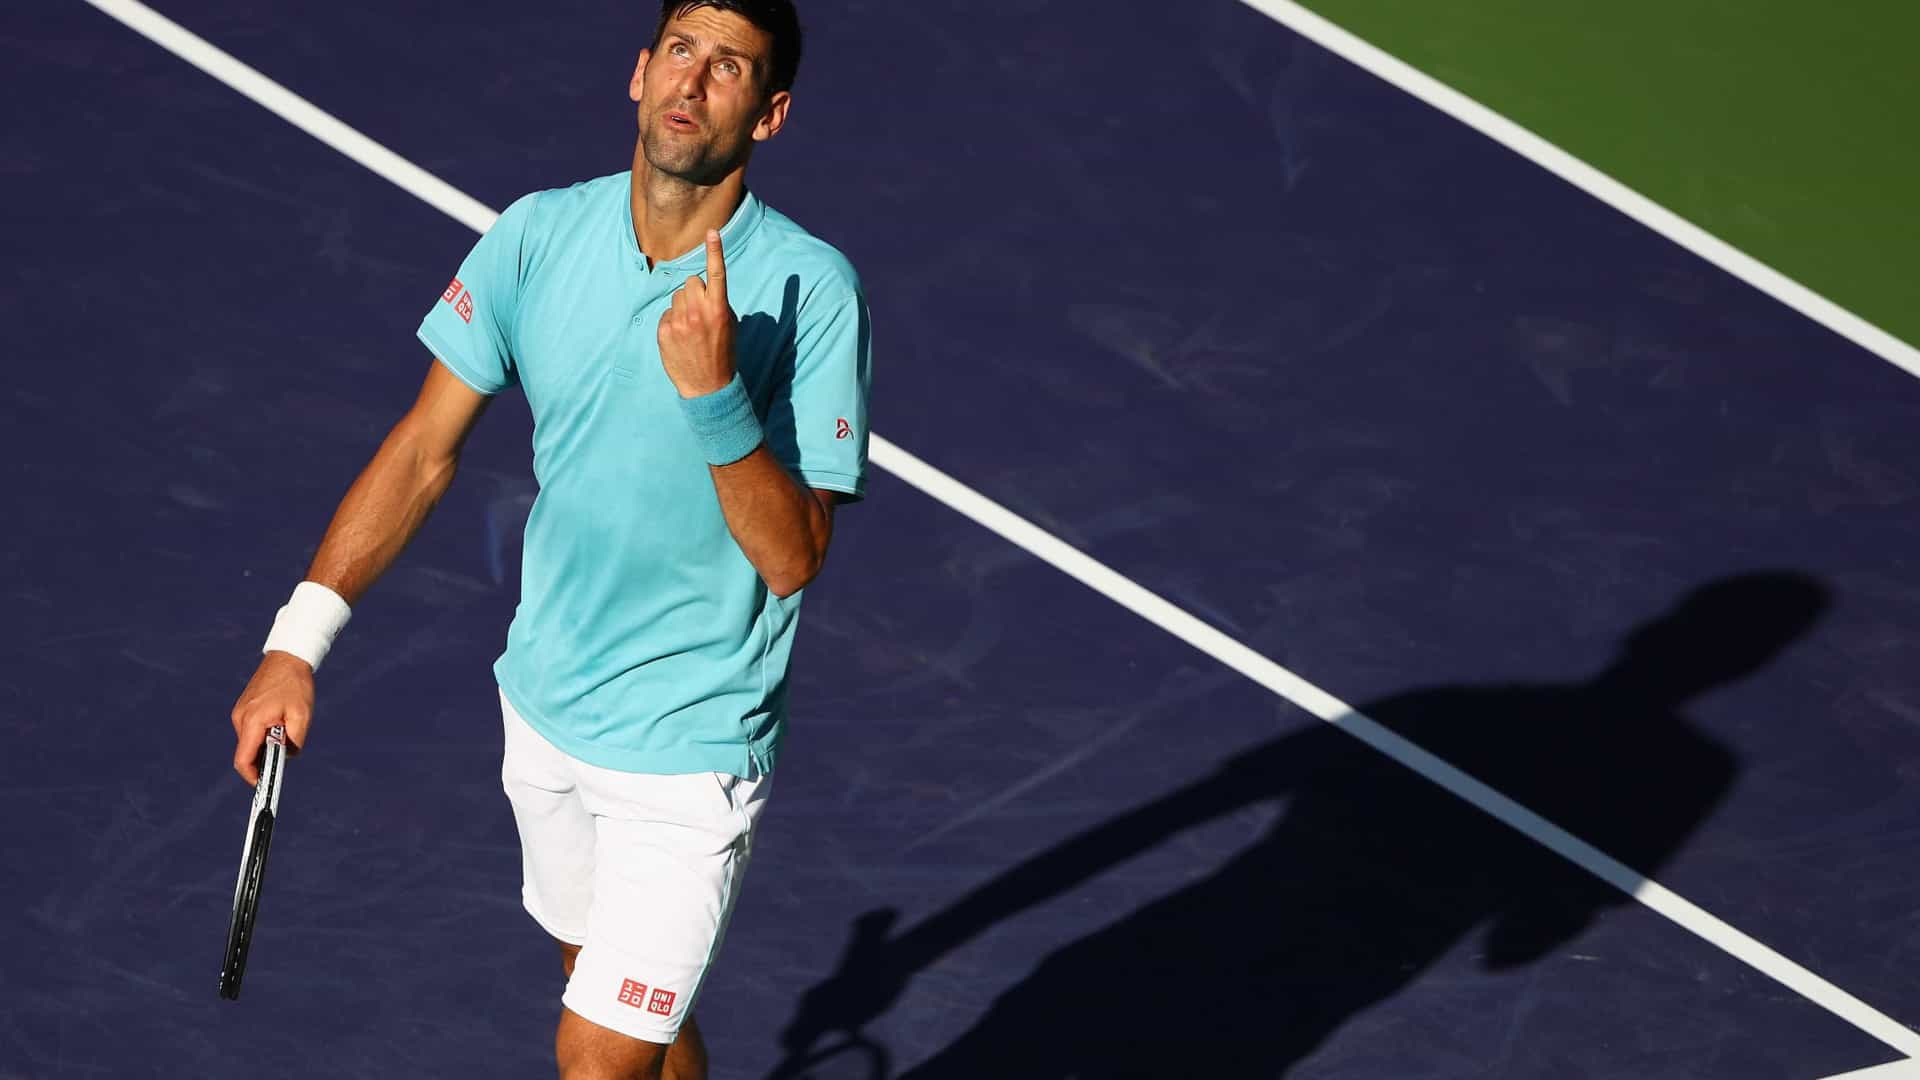 Após Murray, Djokovic anuncia desistência do Open de Miami por lesão